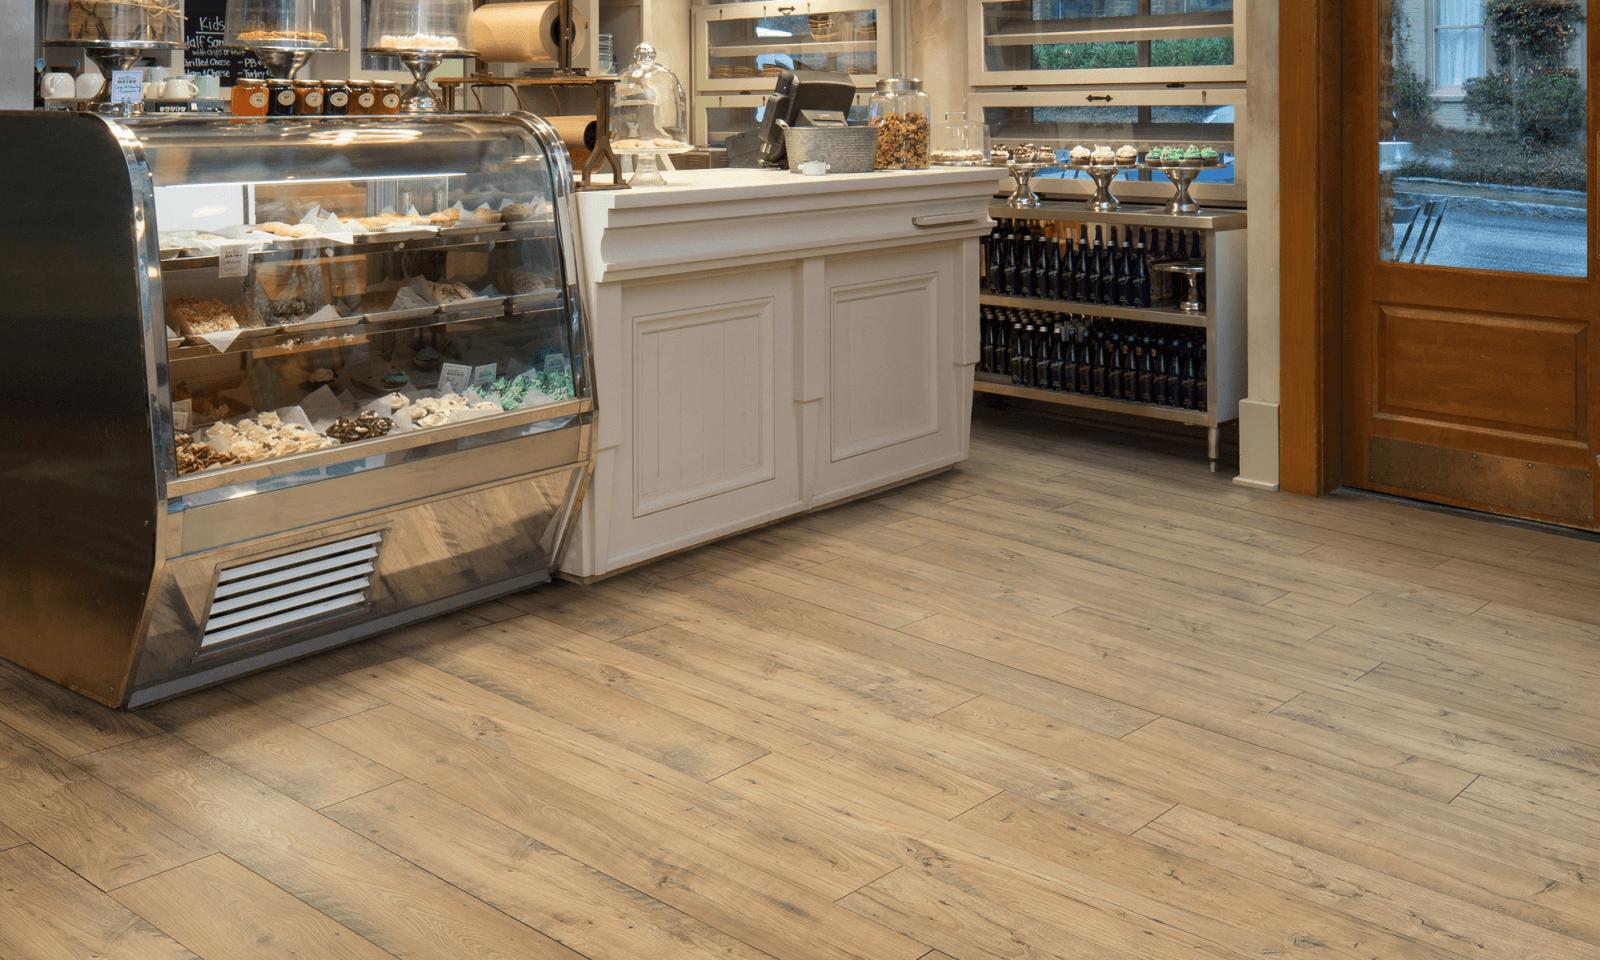 Mohawk commercial laminate flooring | Specialty Flooring